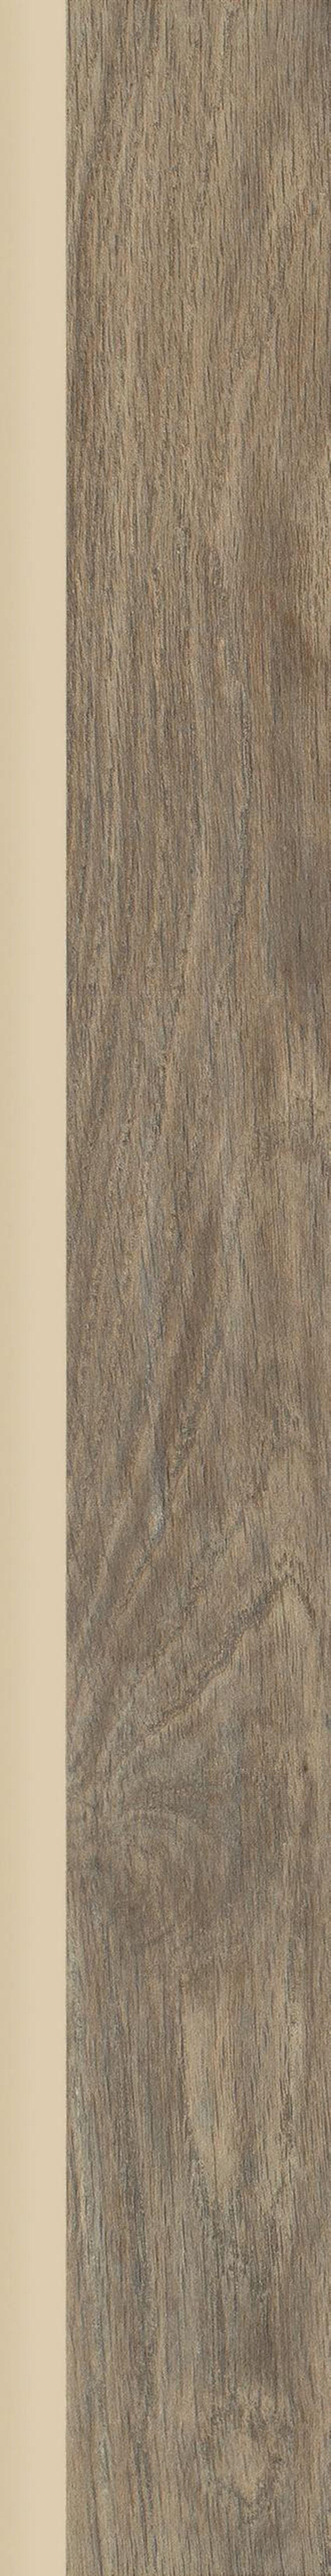 Dekoracja podłogowa Paradyż Wood Basic Brown Cokół